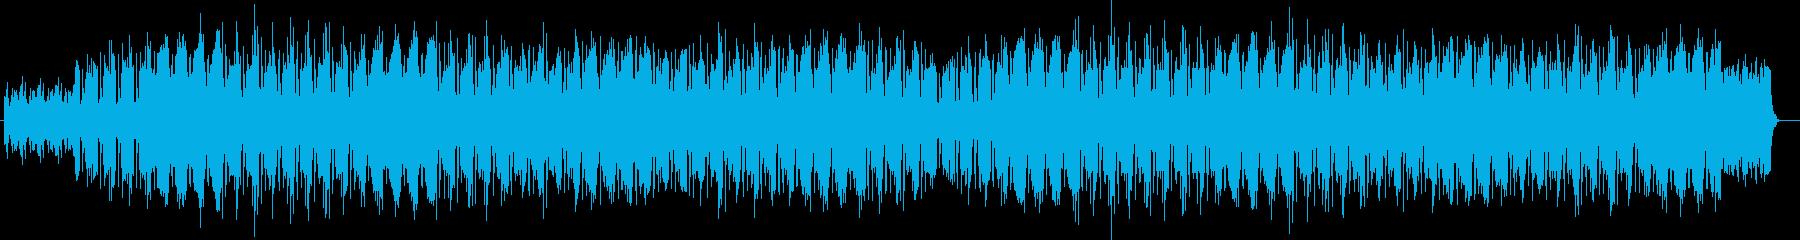 緊迫感のあるエレクトロの再生済みの波形